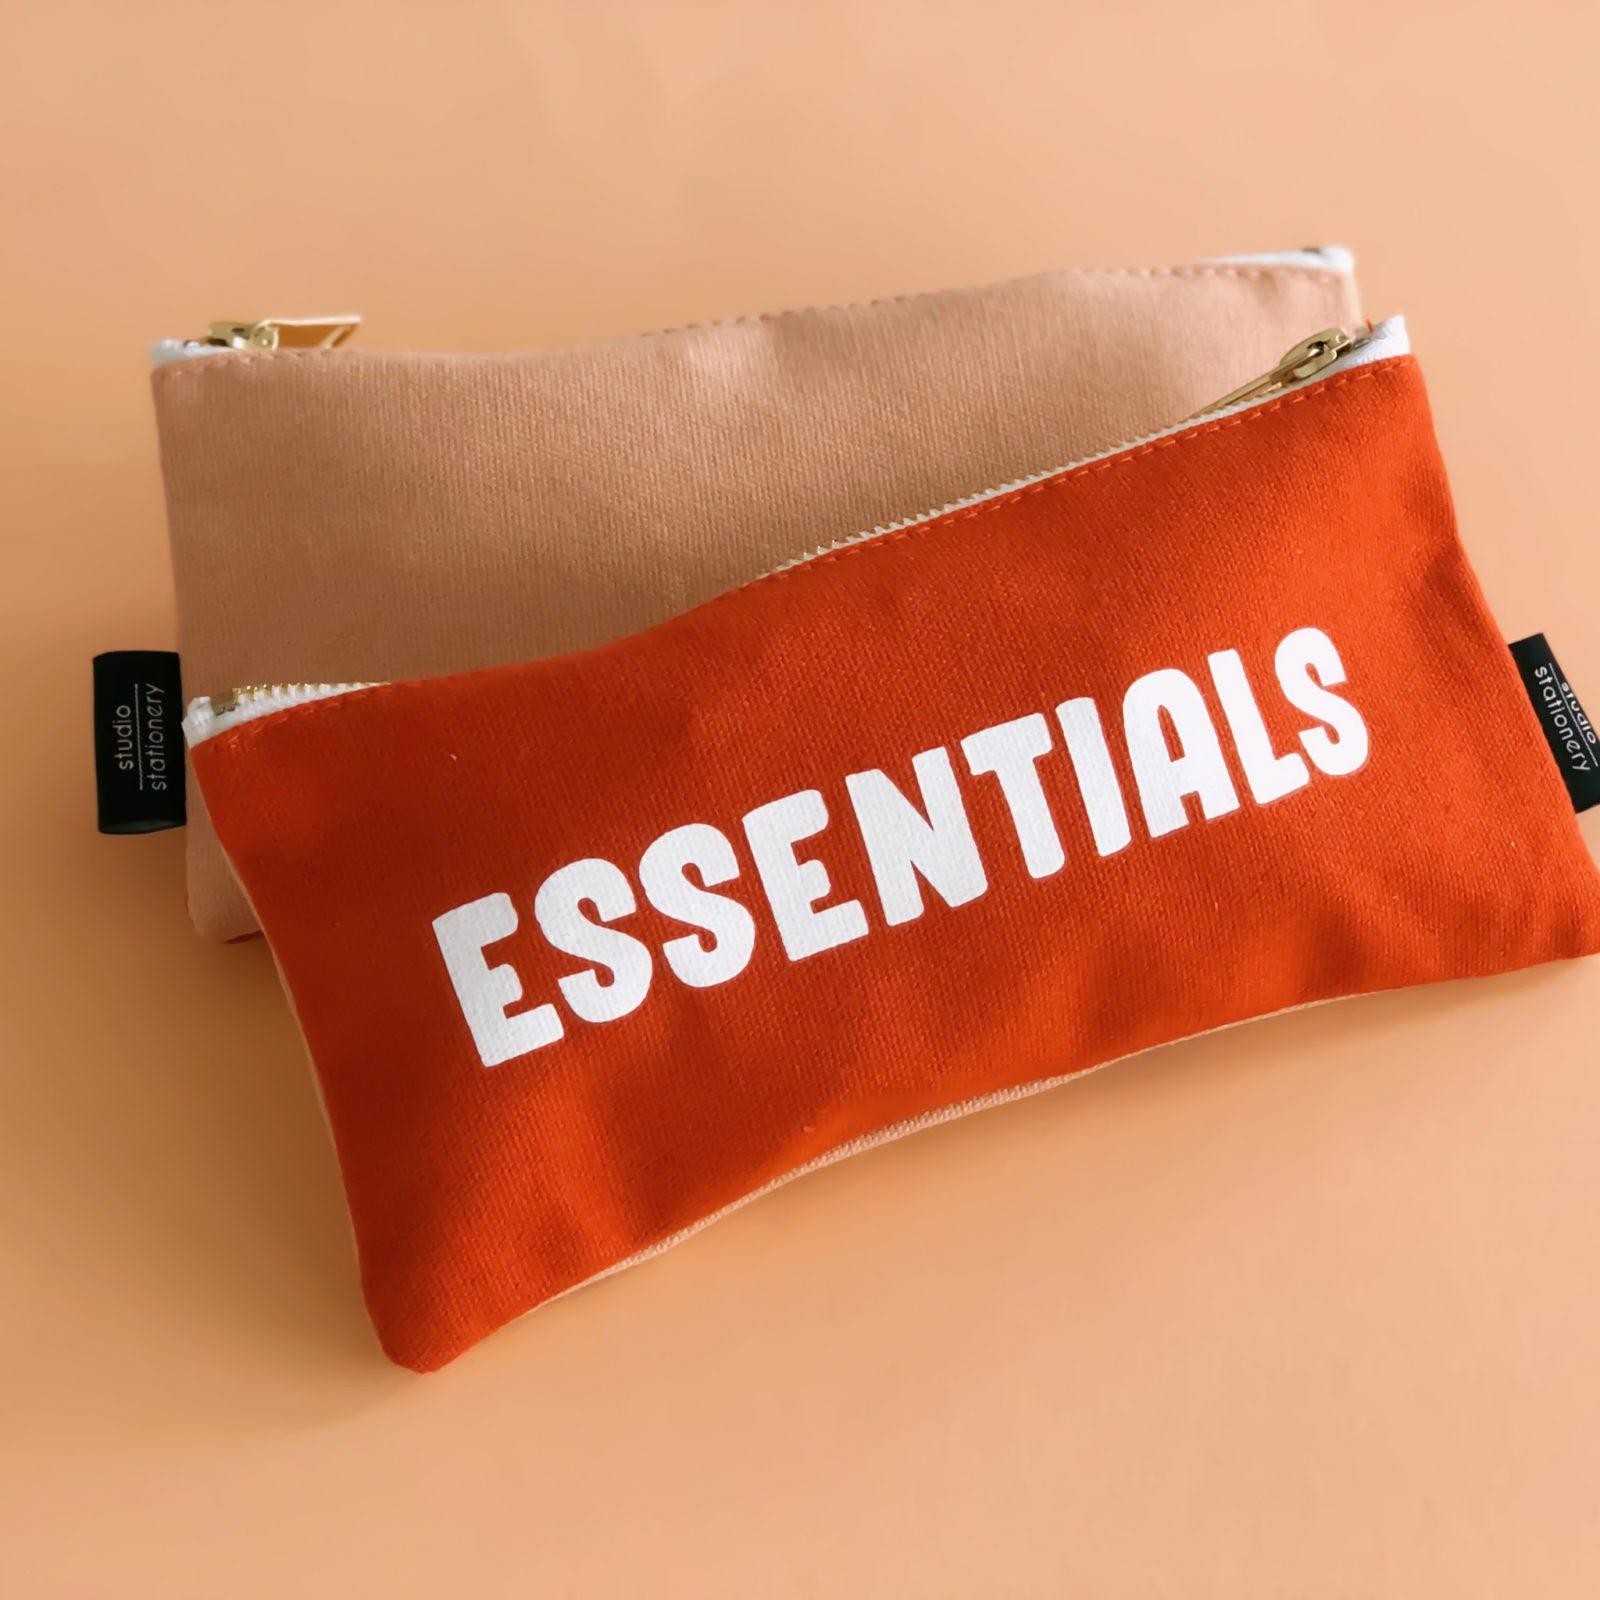 Studio Stationery Essentials etui, cadeauwinkel, cadeau voor haar